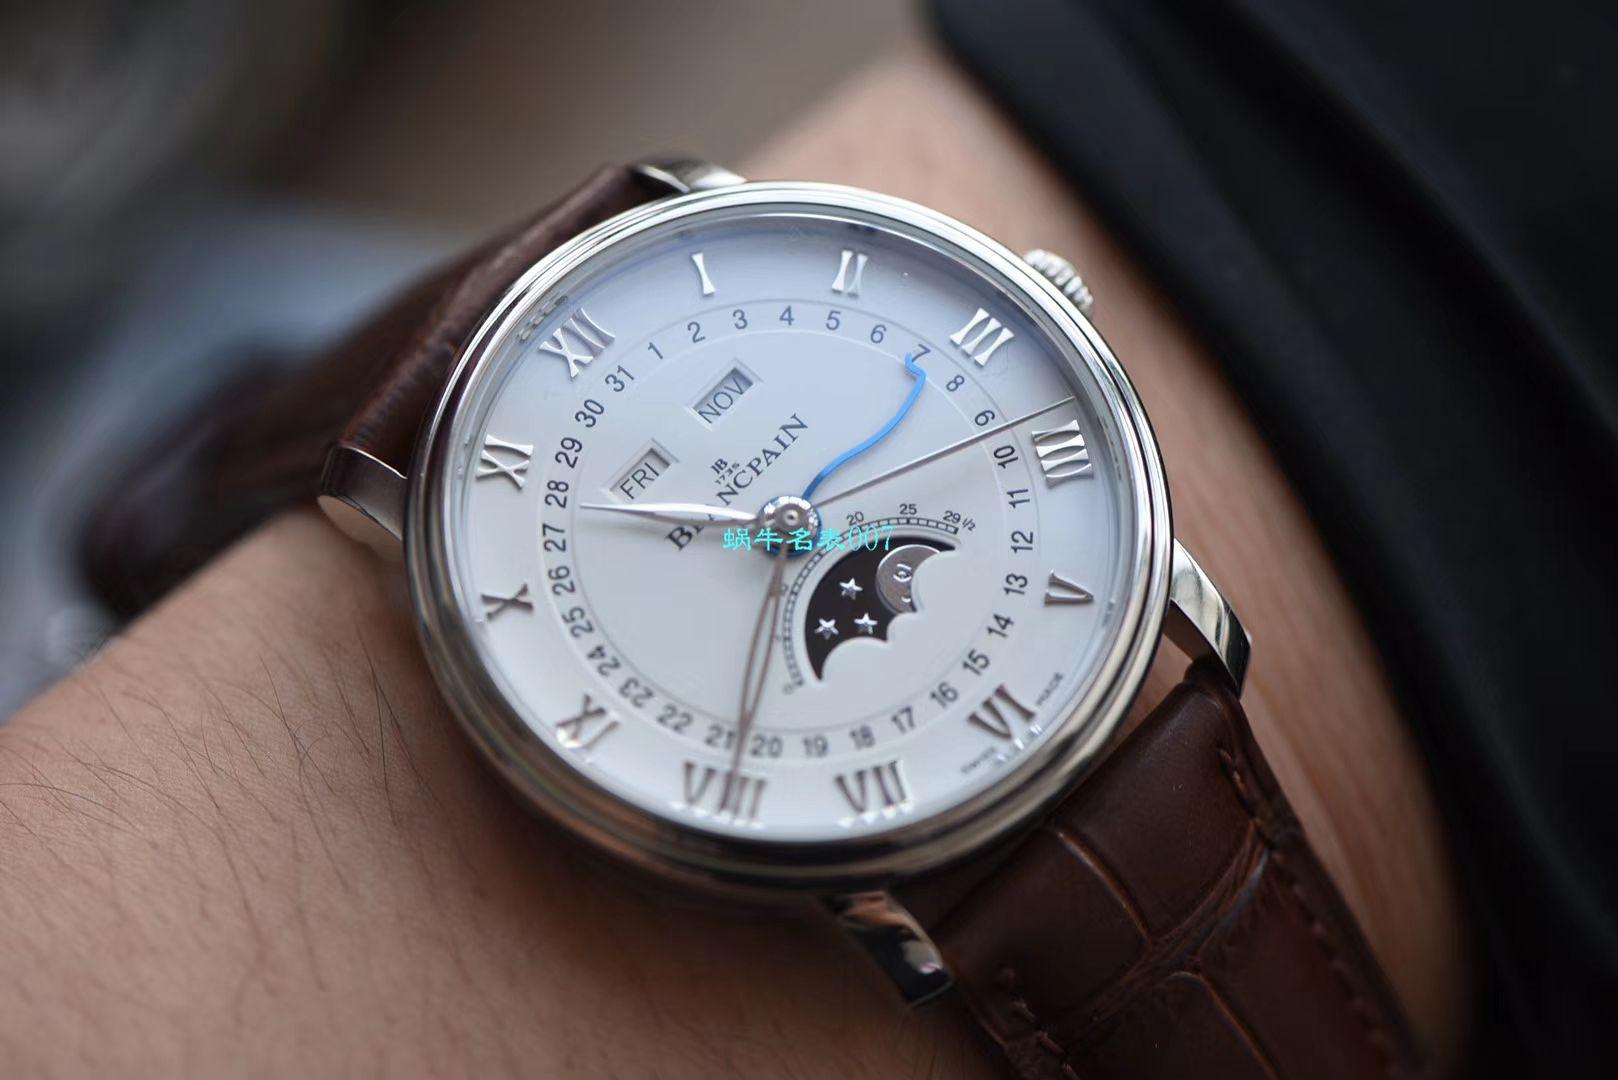 视频评测宝珀经典系列6654-1127-55B腕表OM一比一精仿手表【OM 宝铂6654最强V2升级版】 / BP022MM